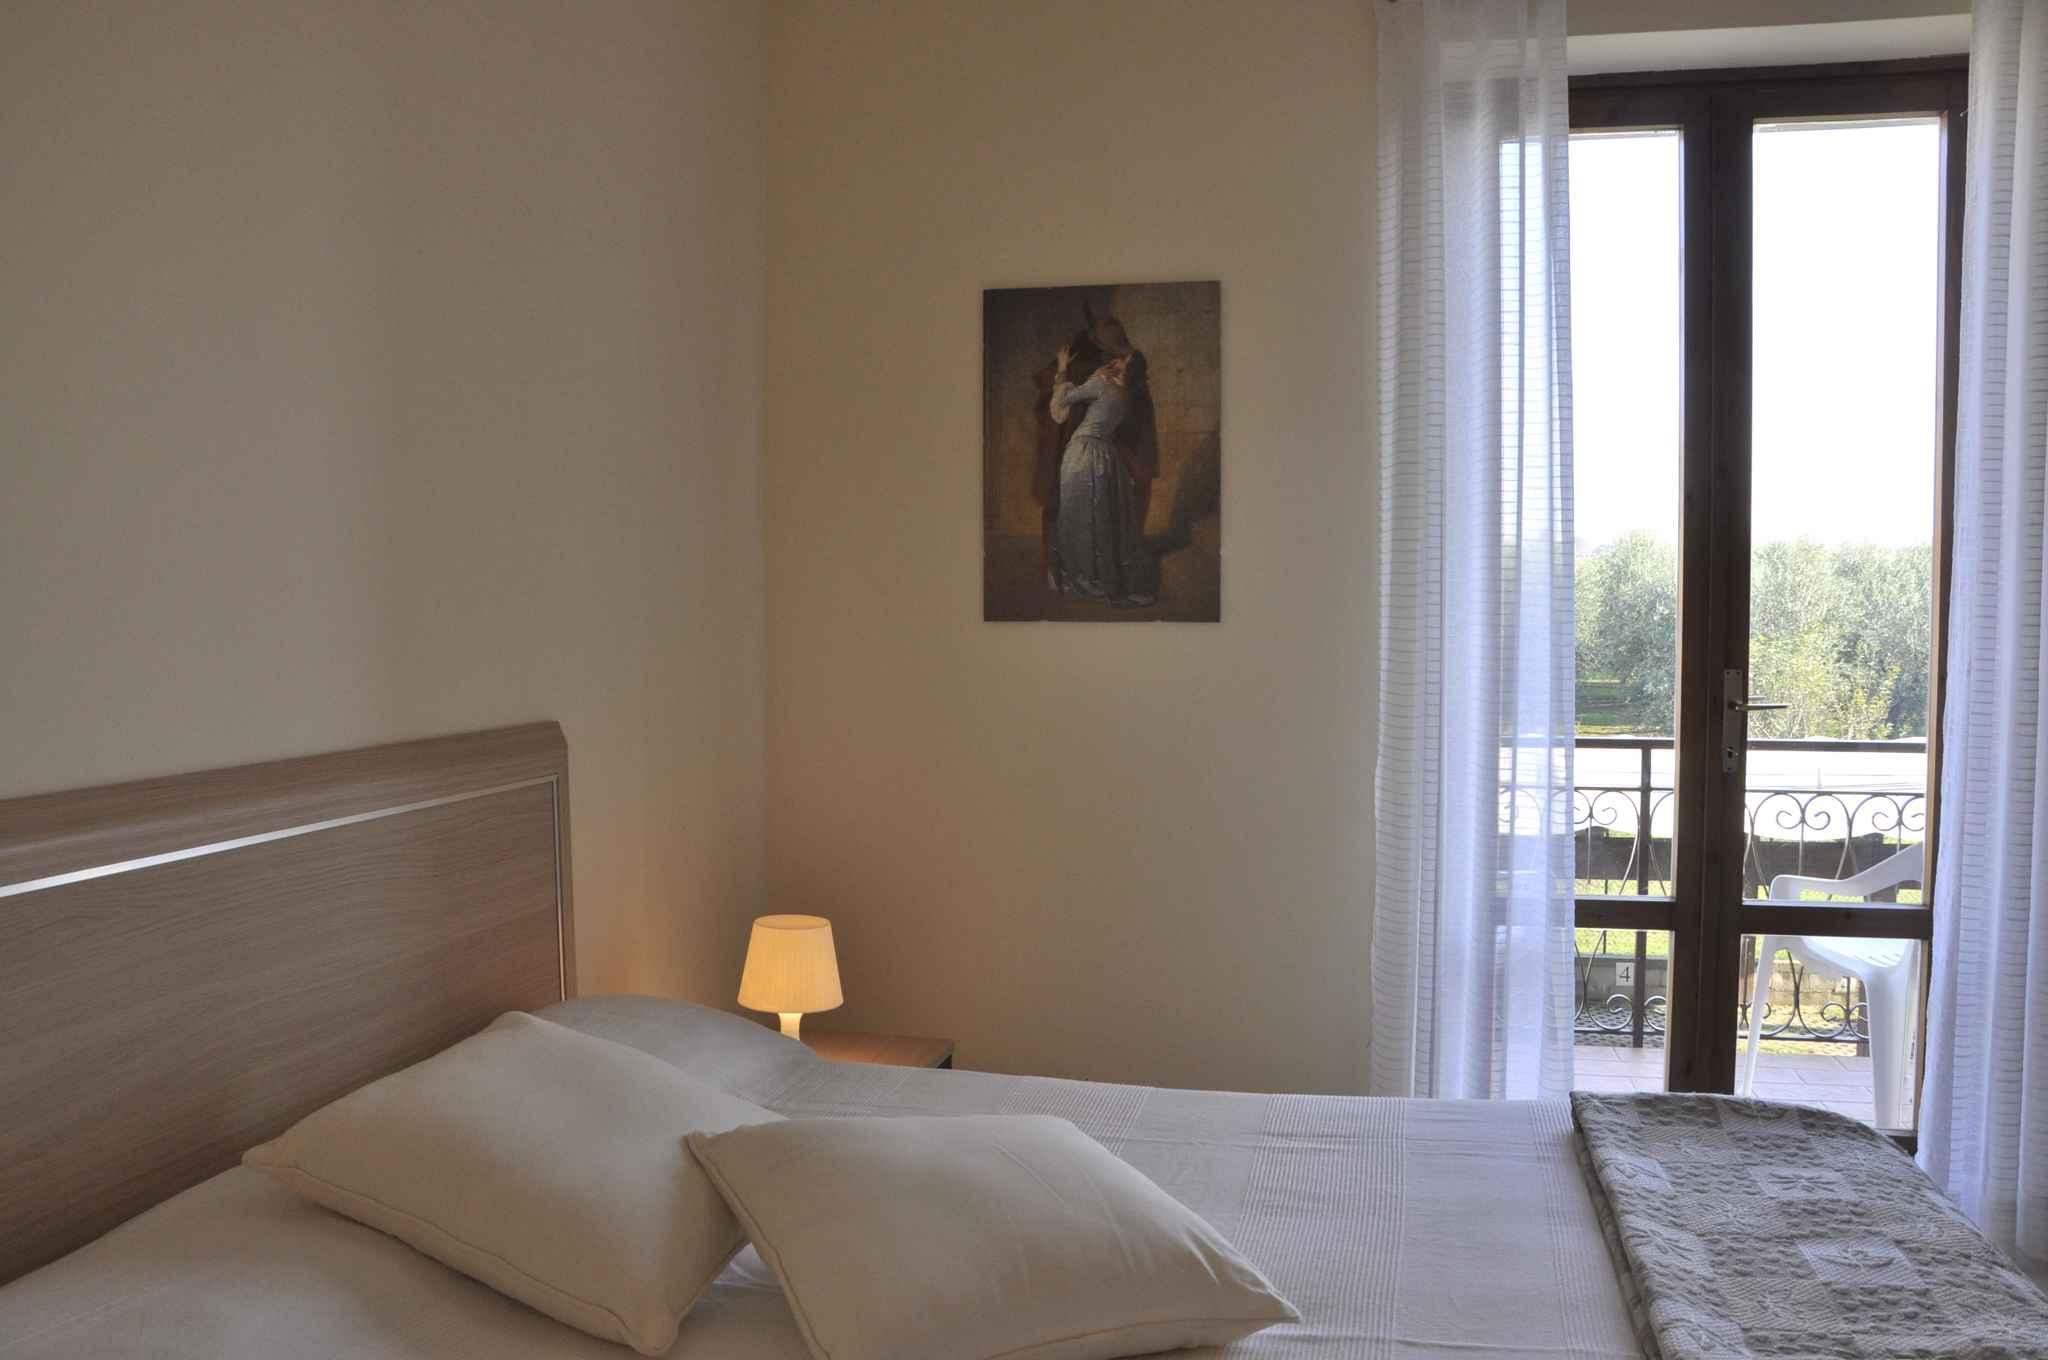 Ferienwohnung con piscina (279614), Lazise, Gardasee, Venetien, Italien, Bild 23